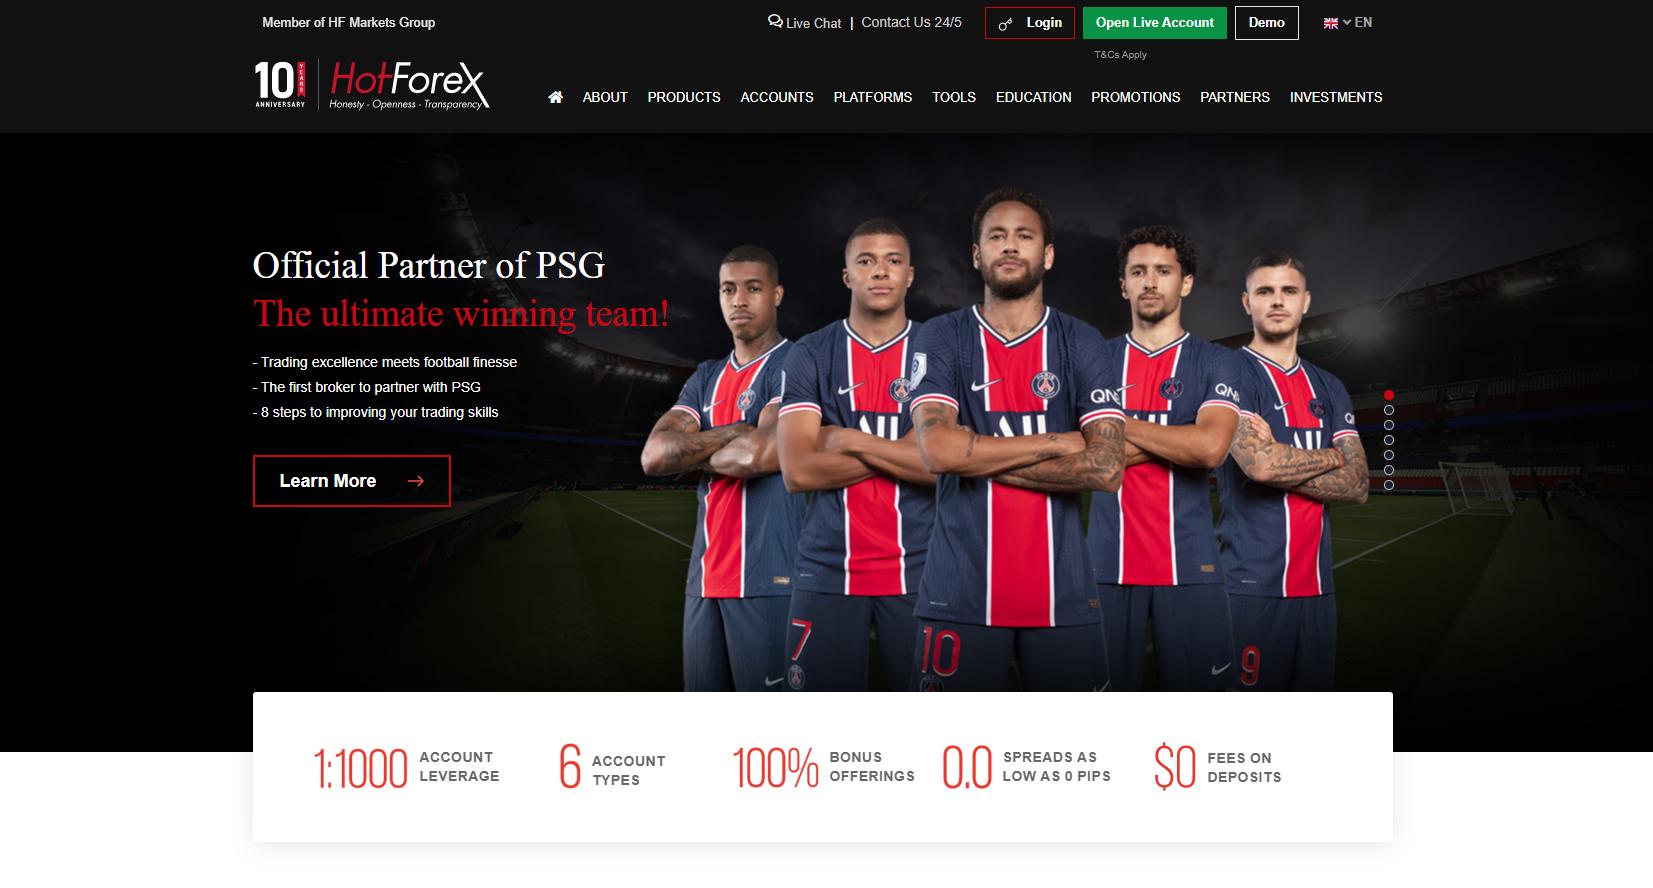 Officiële website van HotForex